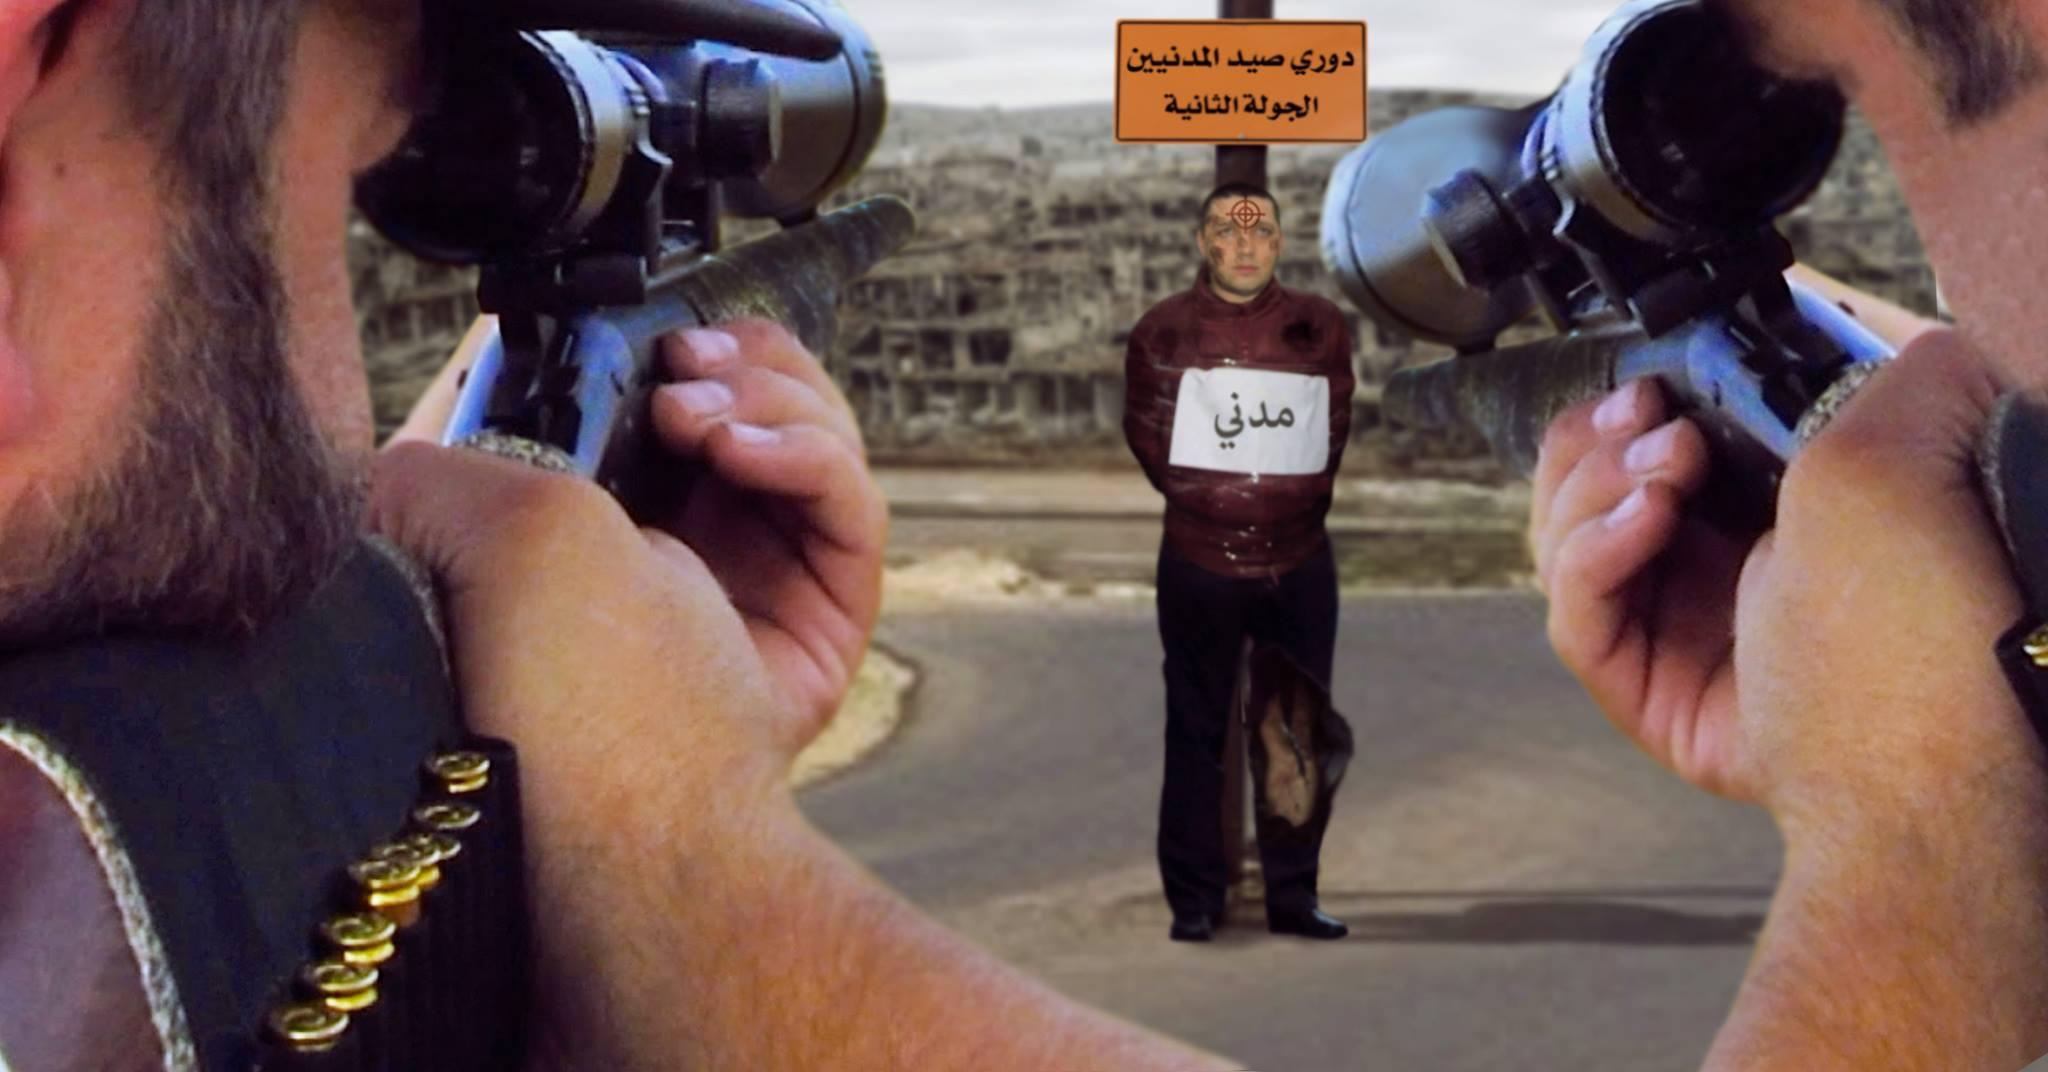 صورة الحكومة السورية تدعو مسلحي المعارضة لإقامة مباراة رماية وديّة لِصيد المدنيين